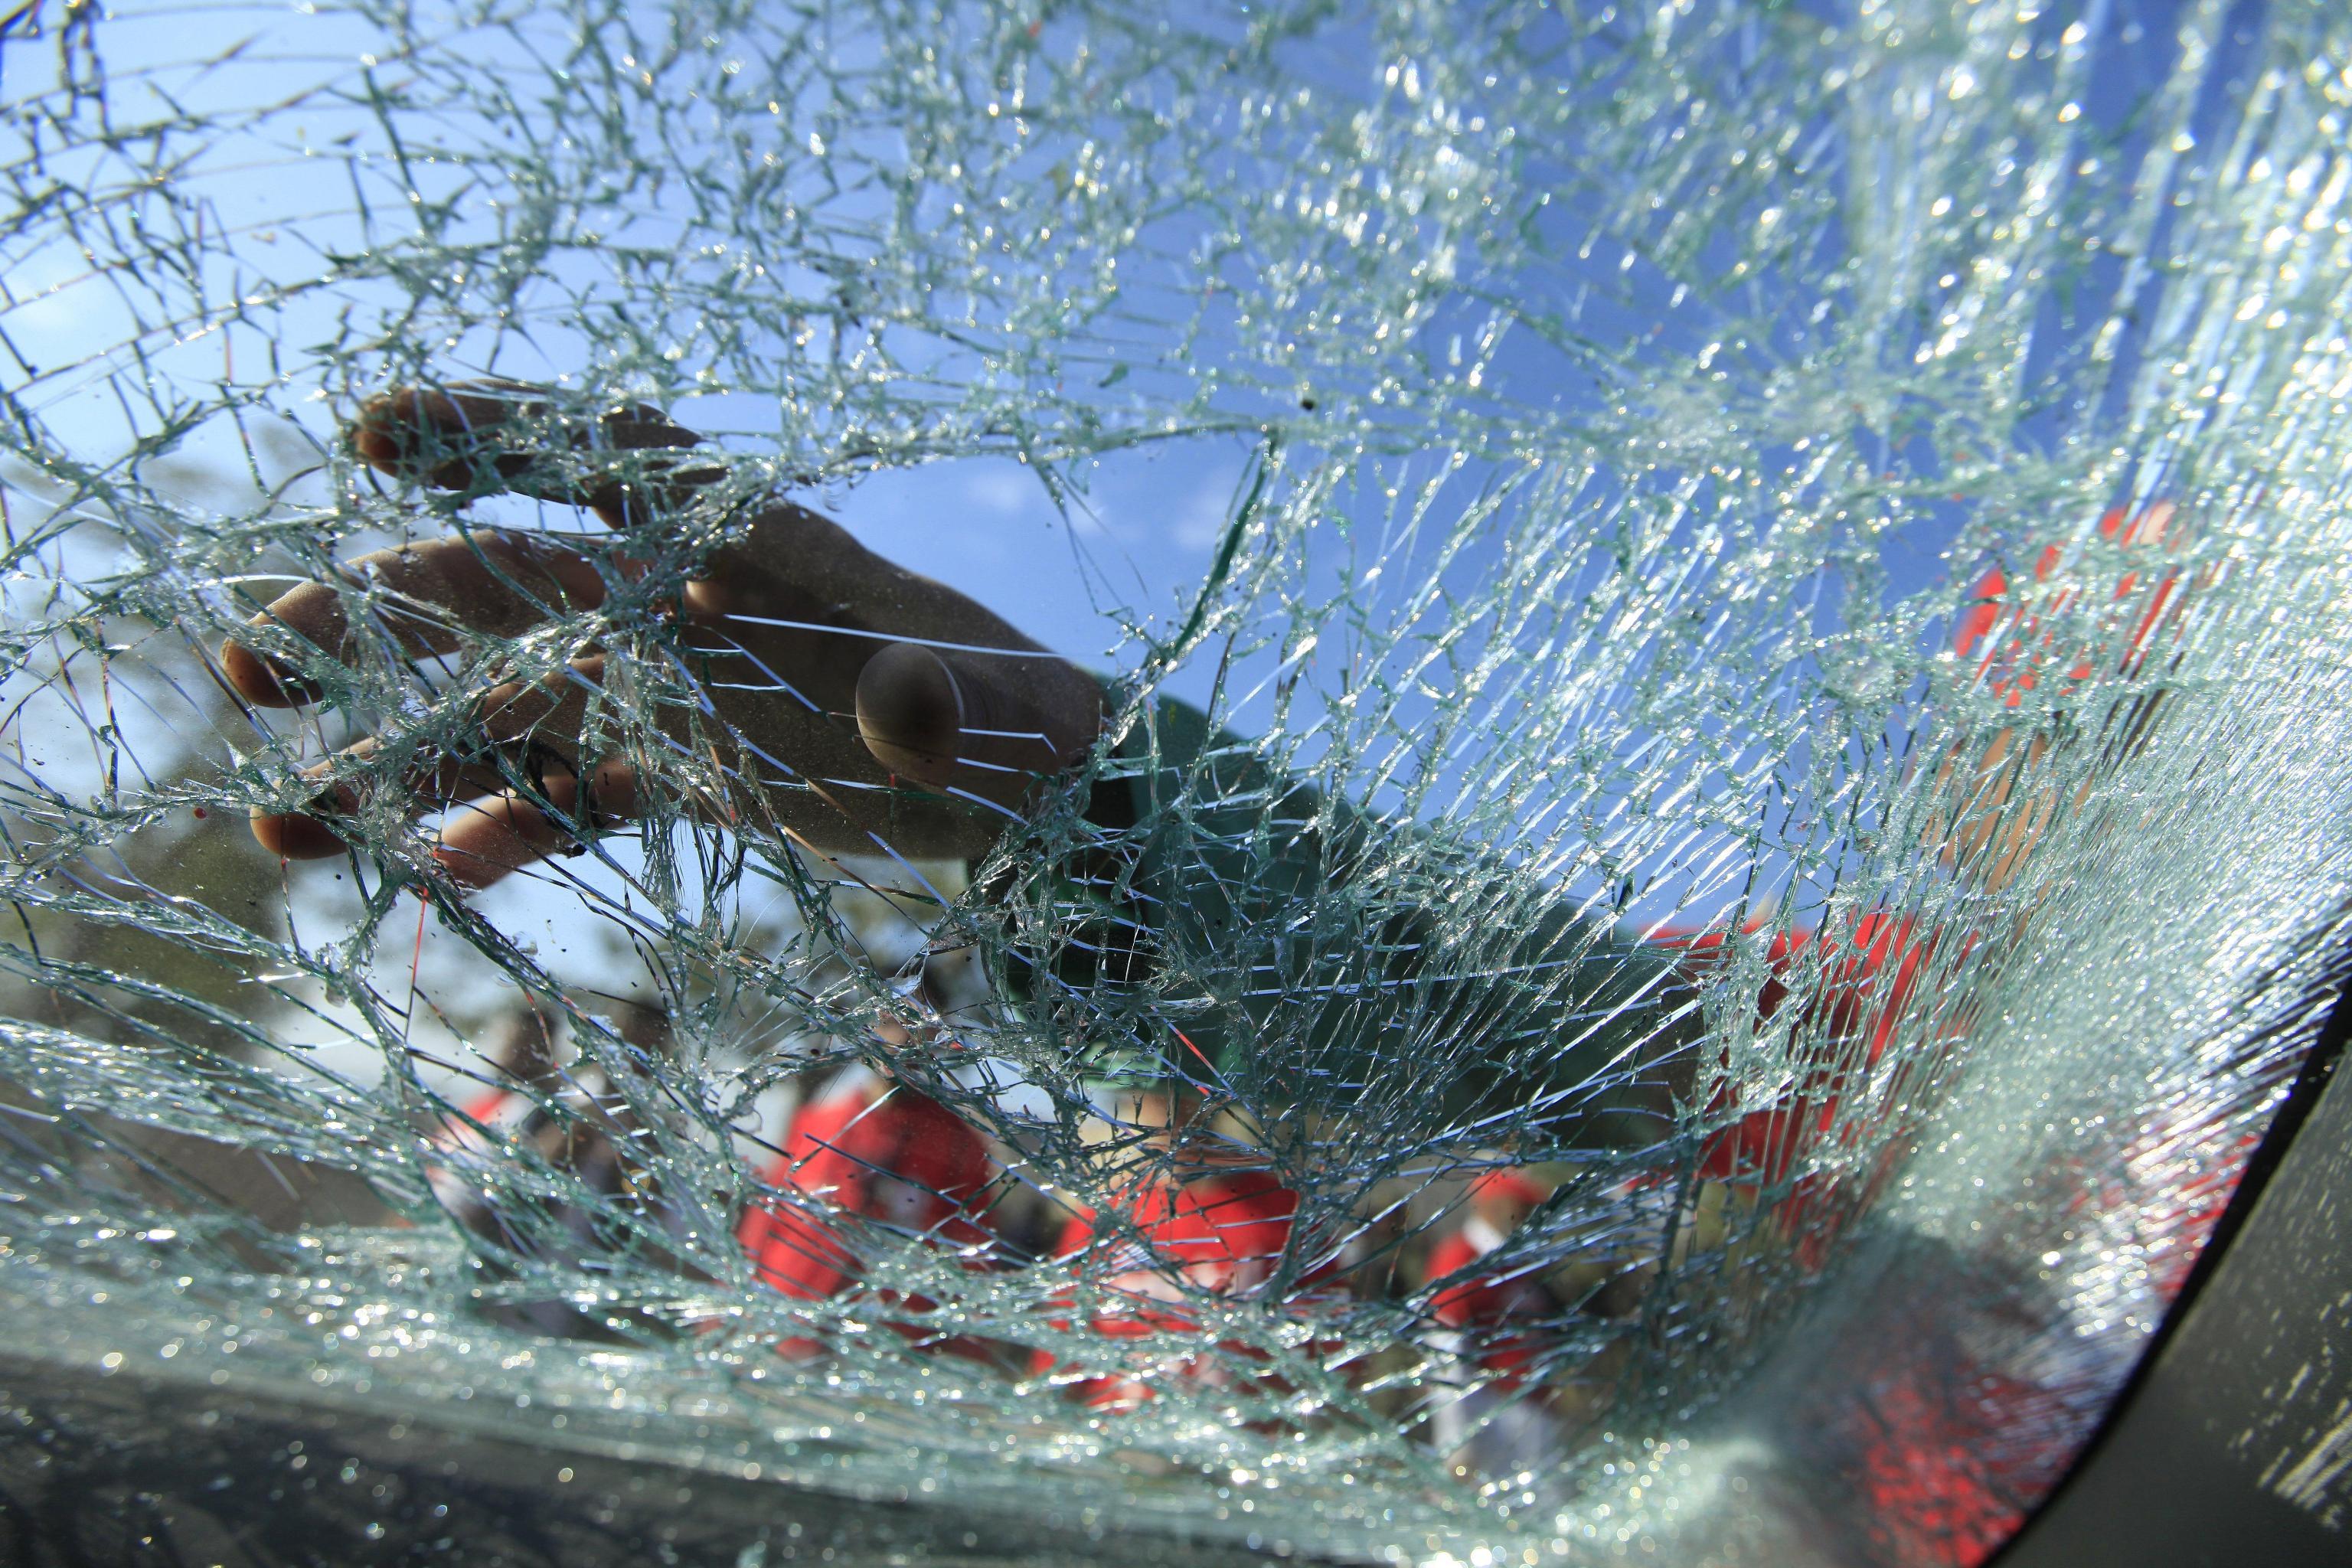 Il vetro frantumato dell'auto colpita dalla moto-bomba